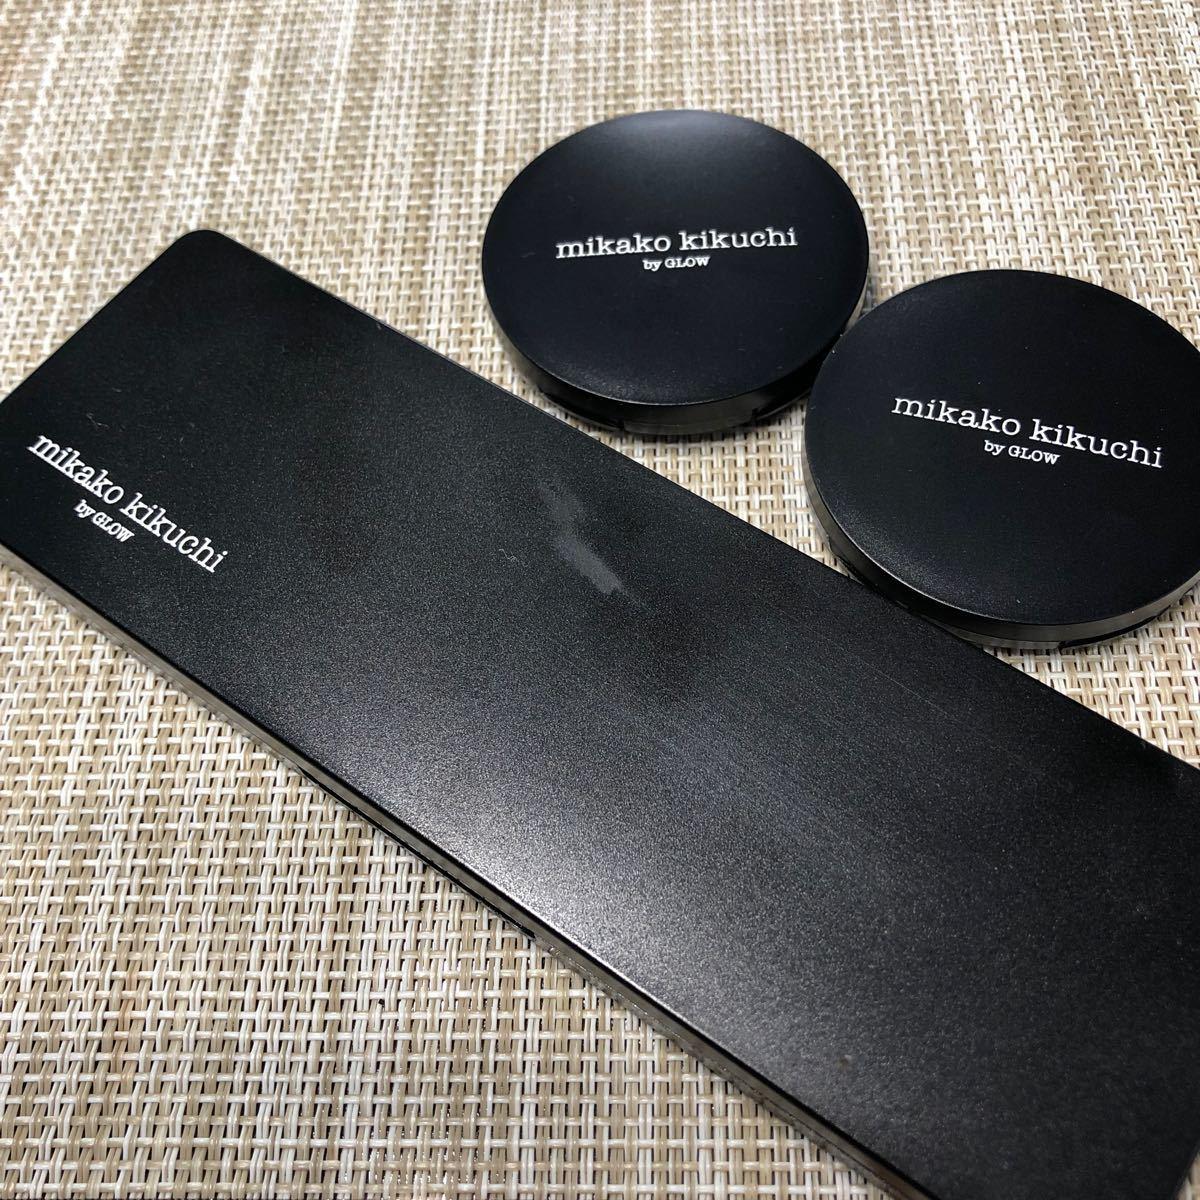 アイシャドウパレット 雑誌付録 コスメ リップパレット glow 2020年6月号 菊地美香子監修